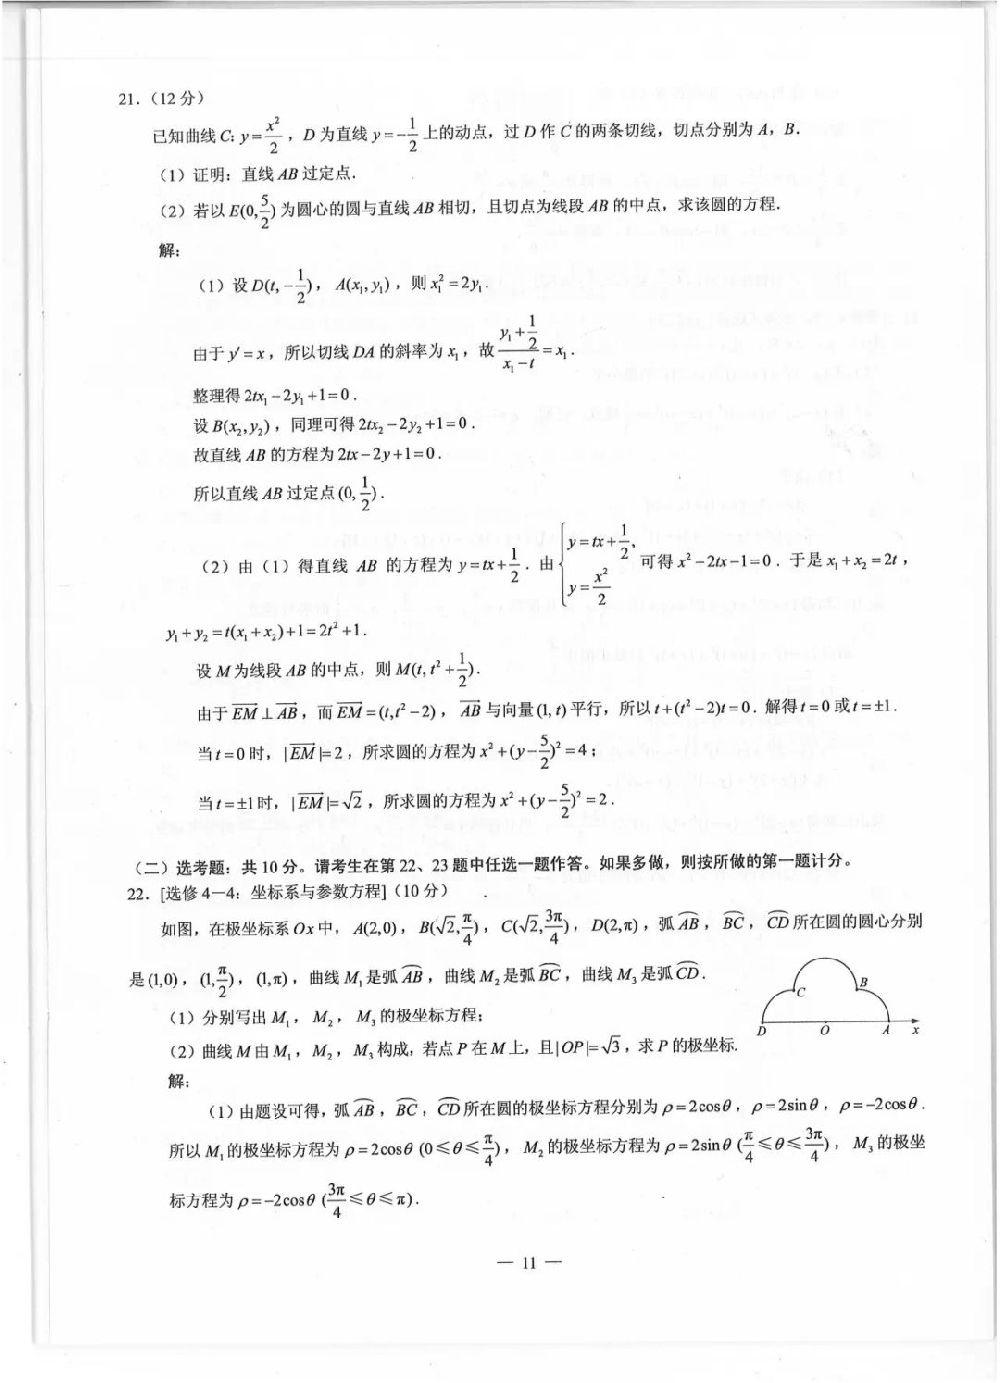 2019高考全国三卷文科数学试题及答案(官方版)